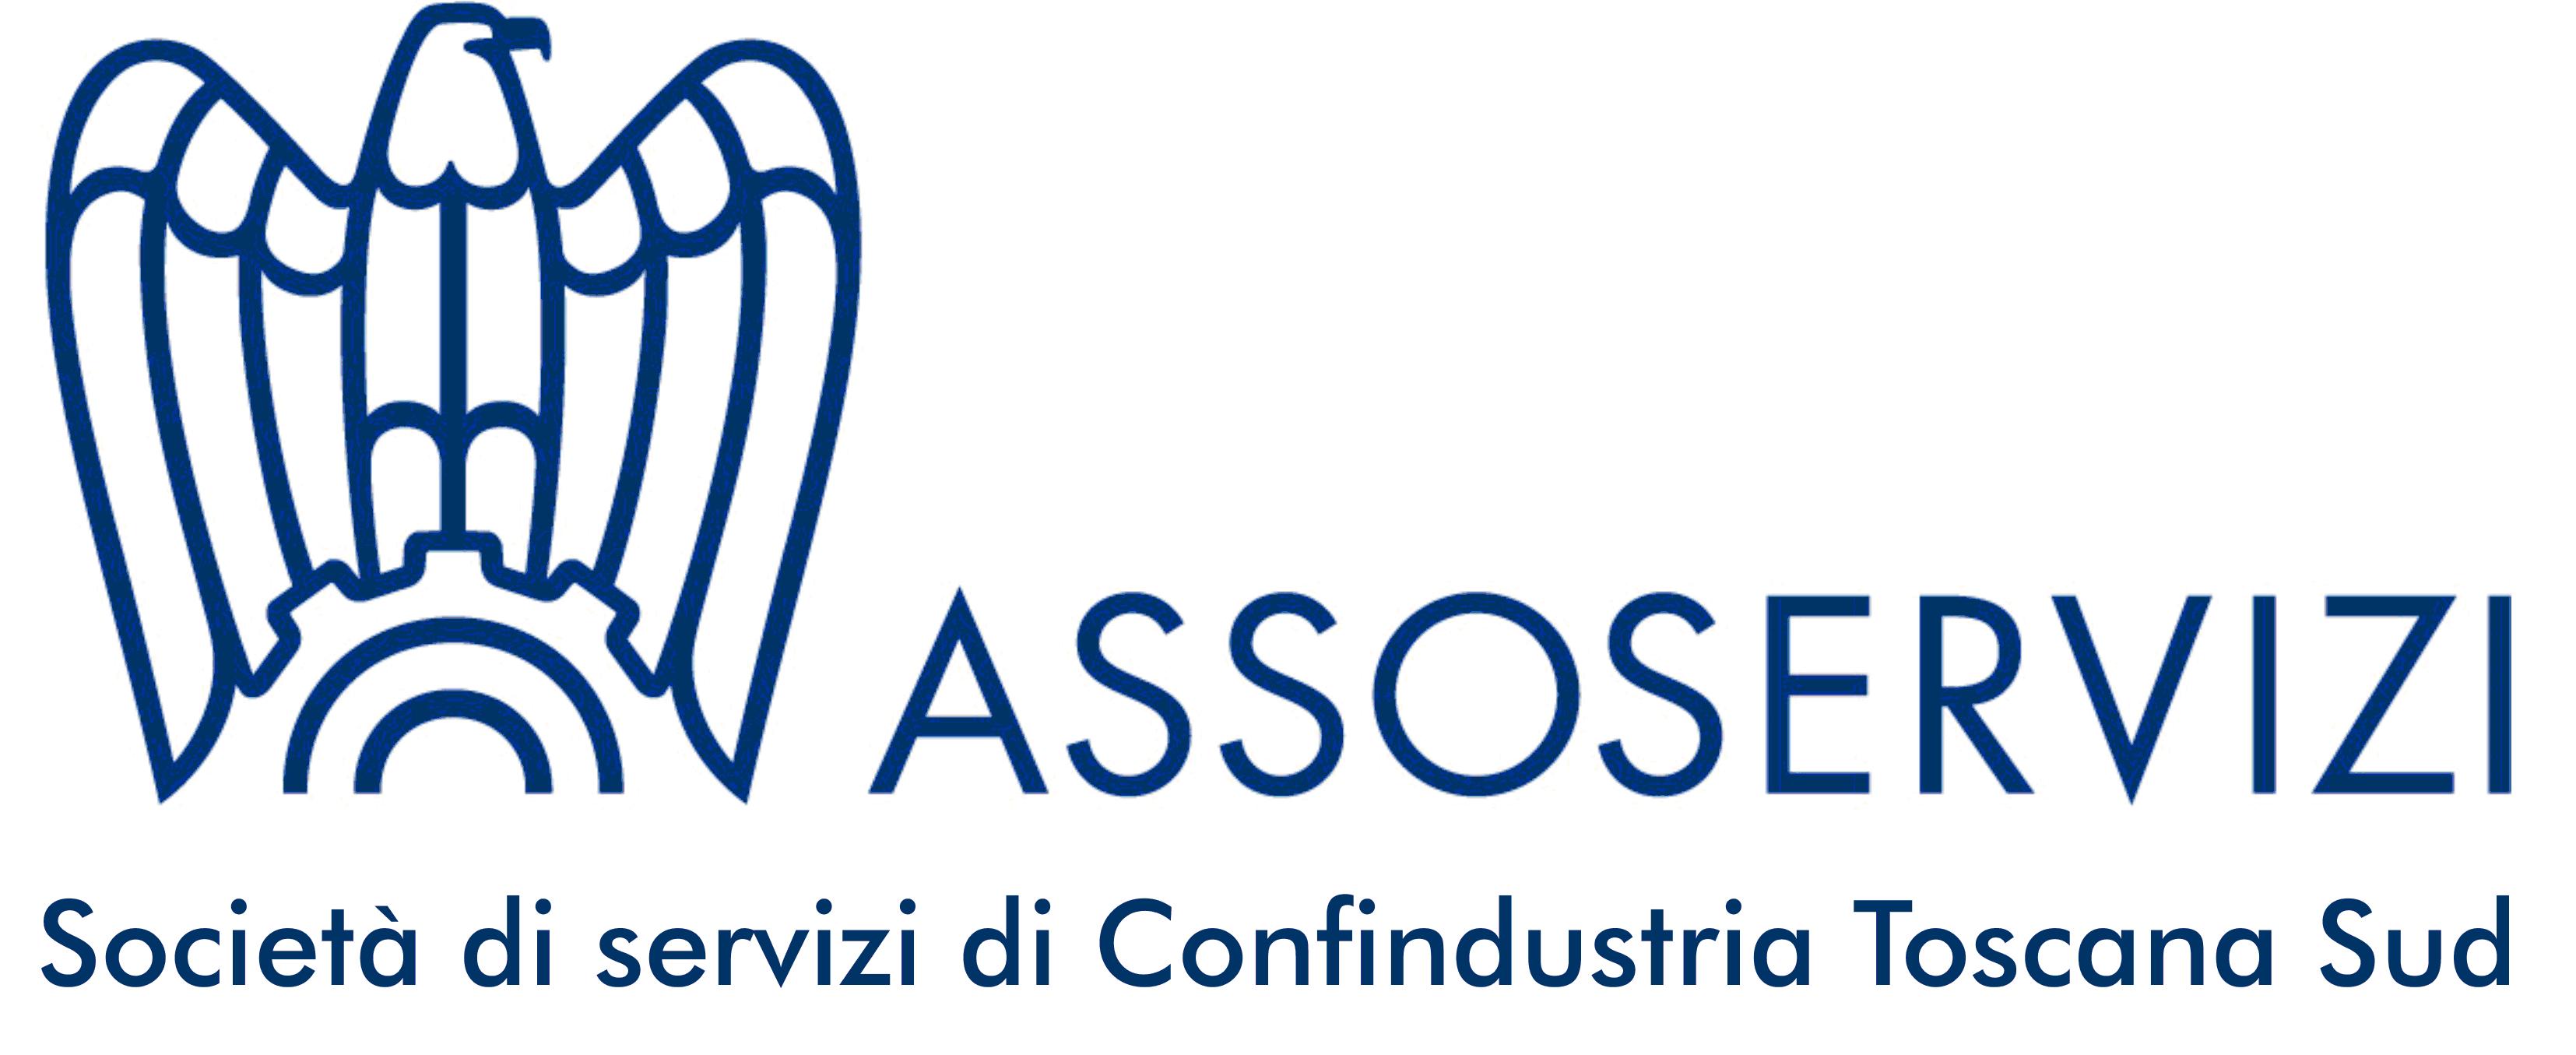 Logo di Assoservizi Siena, società di Confindustria Toscana Sud